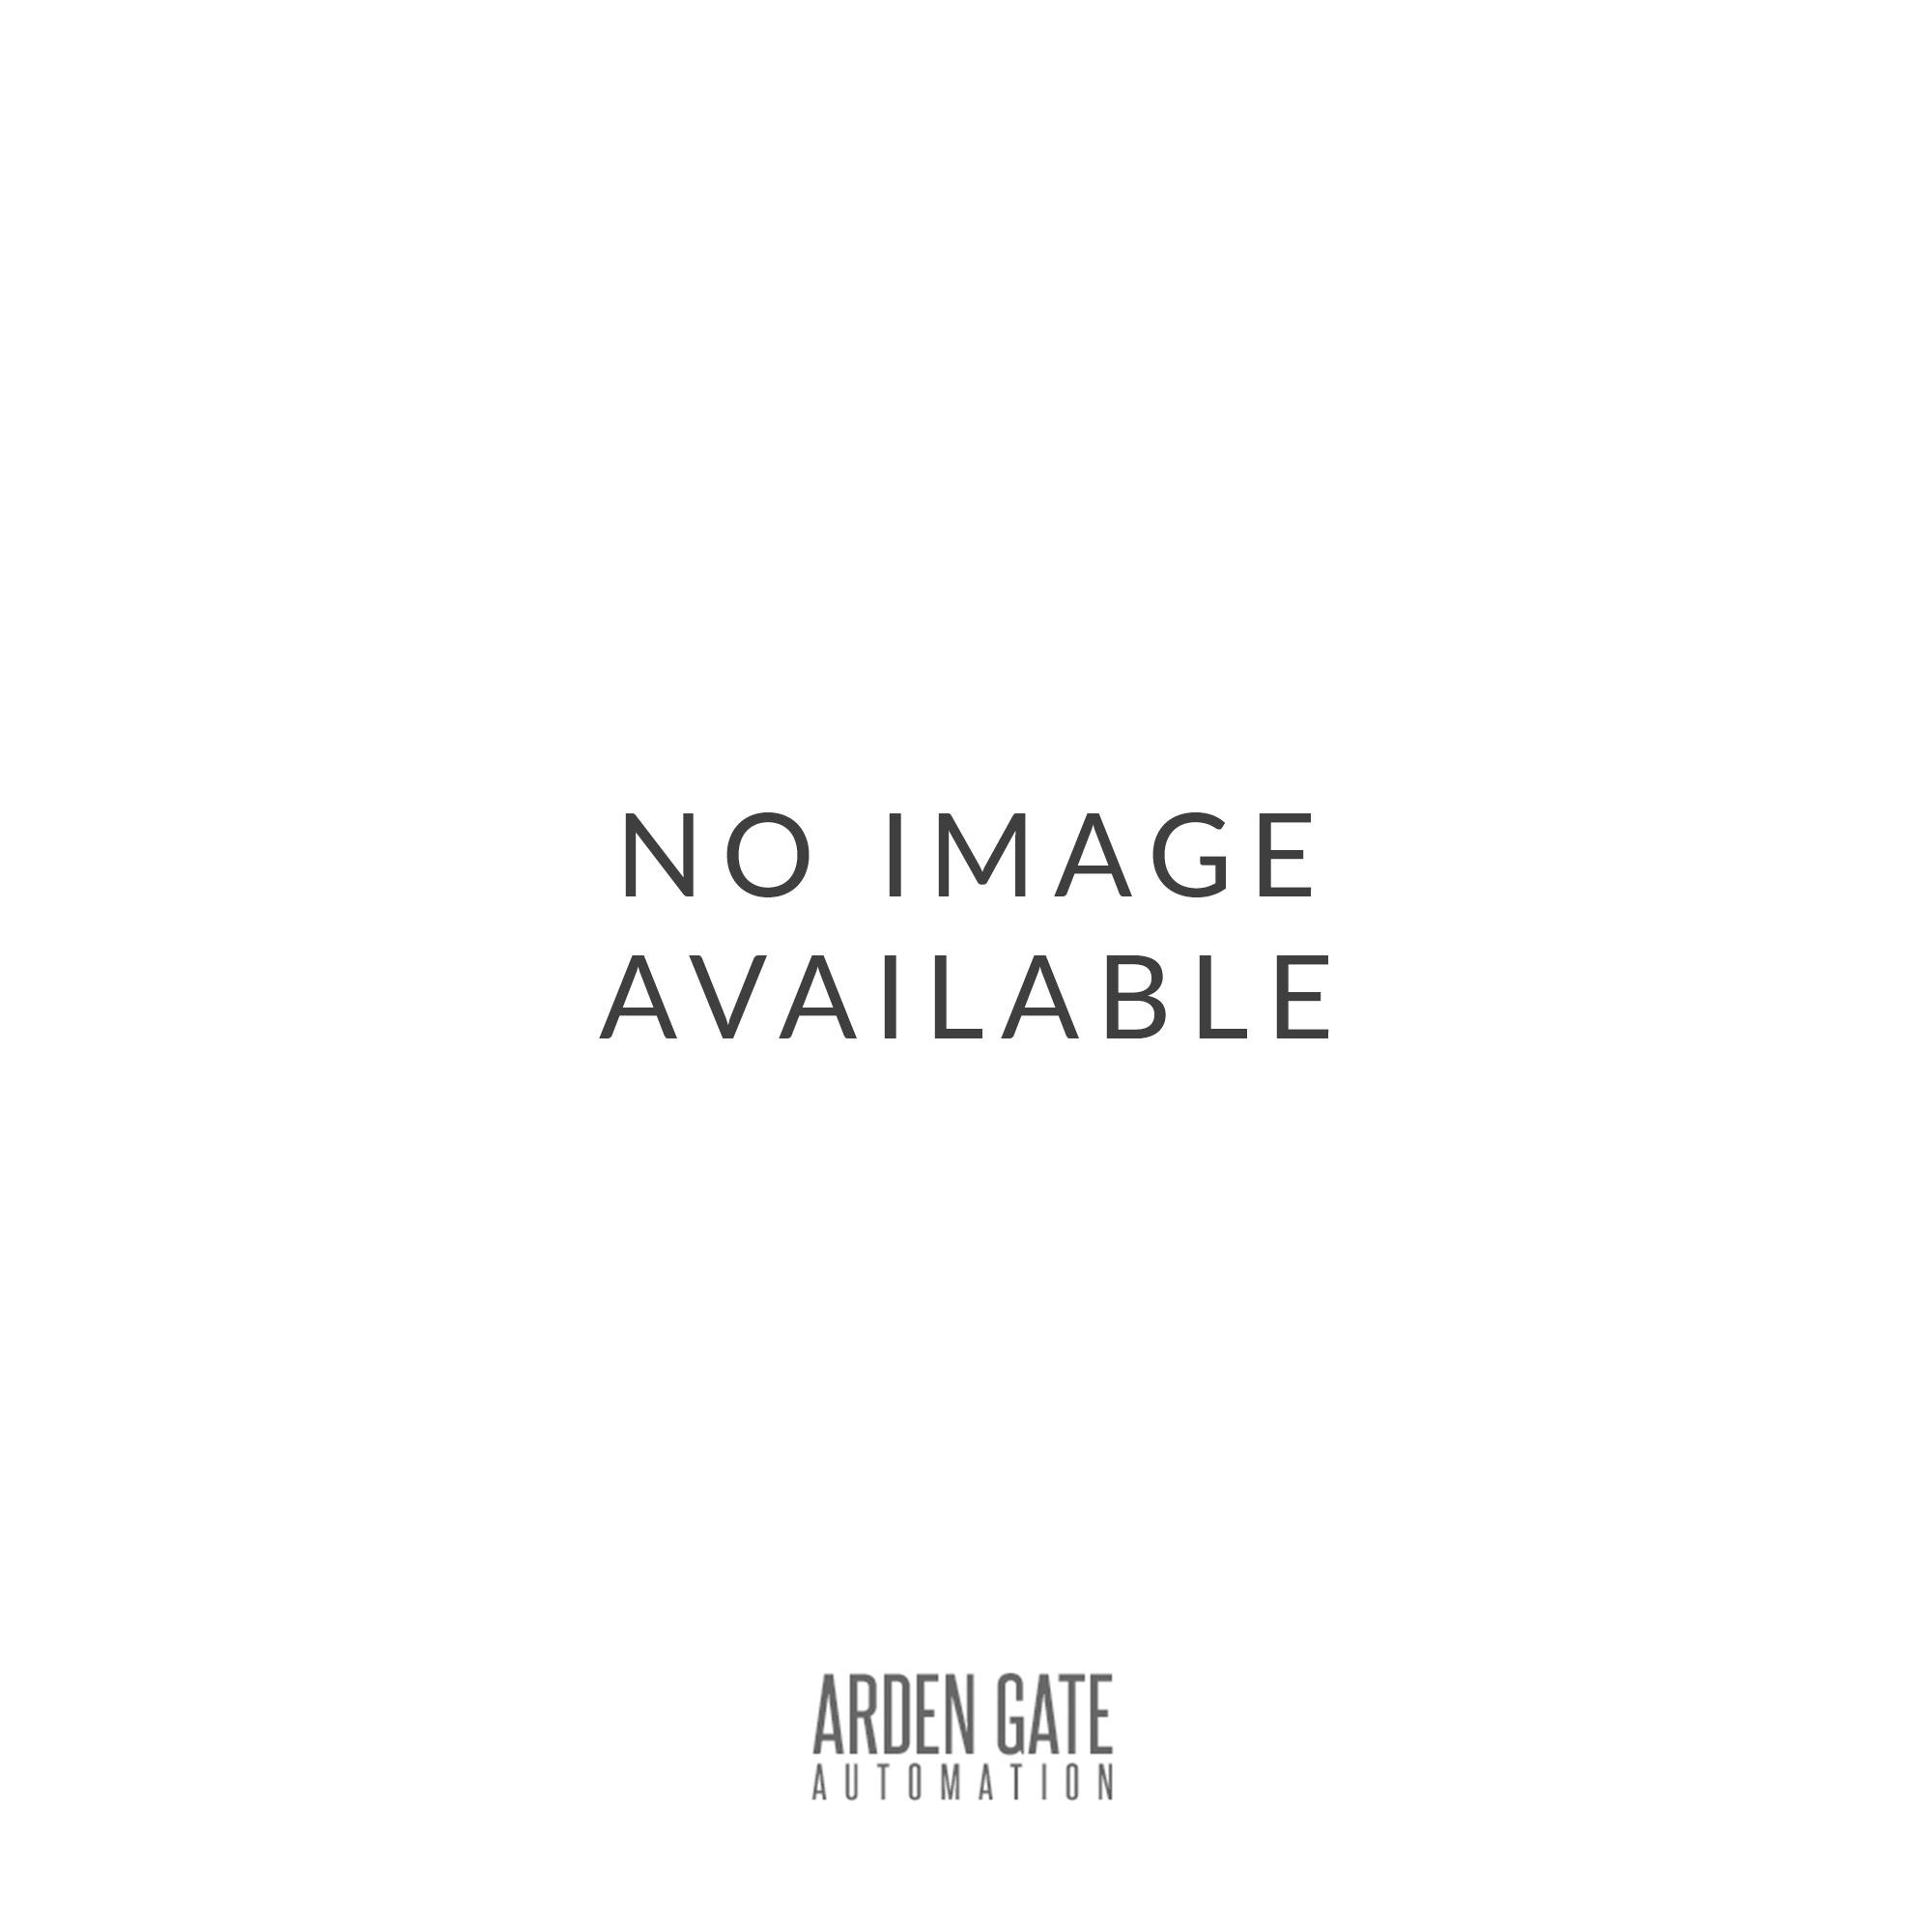 BFT Perseo CBD control panel